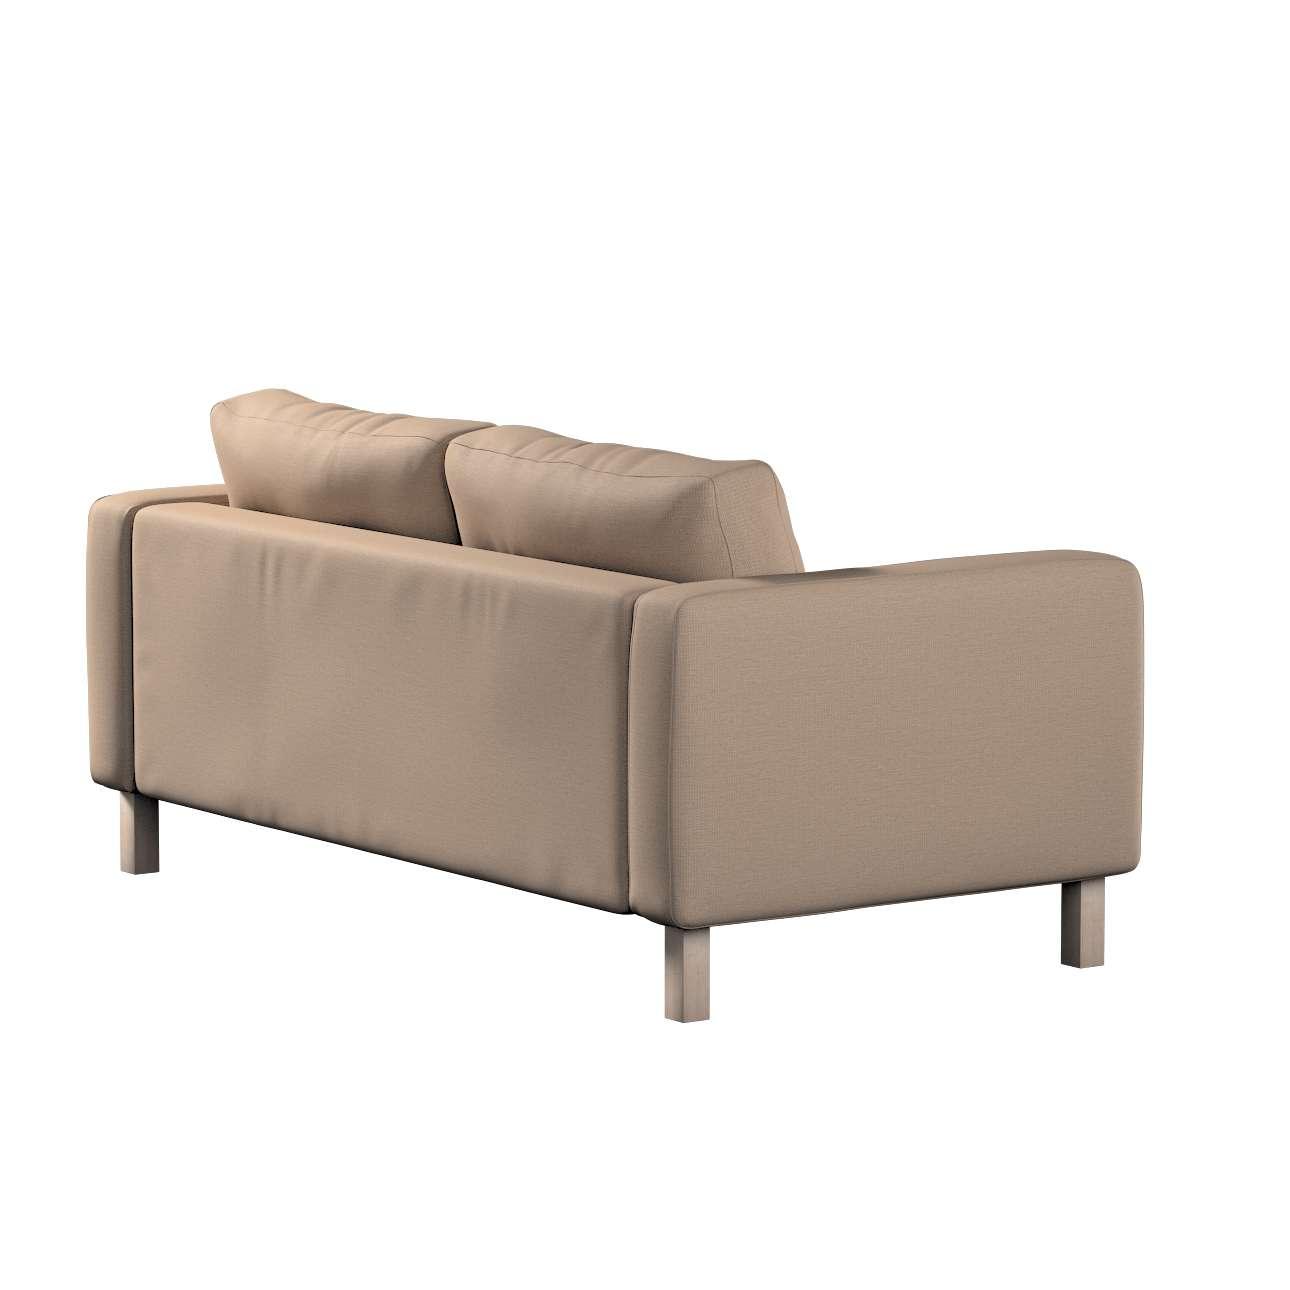 Pokrowiec na sofę Karlstad 2-osobową nierozkładaną krótki w kolekcji Bergen, tkanina: 161-75